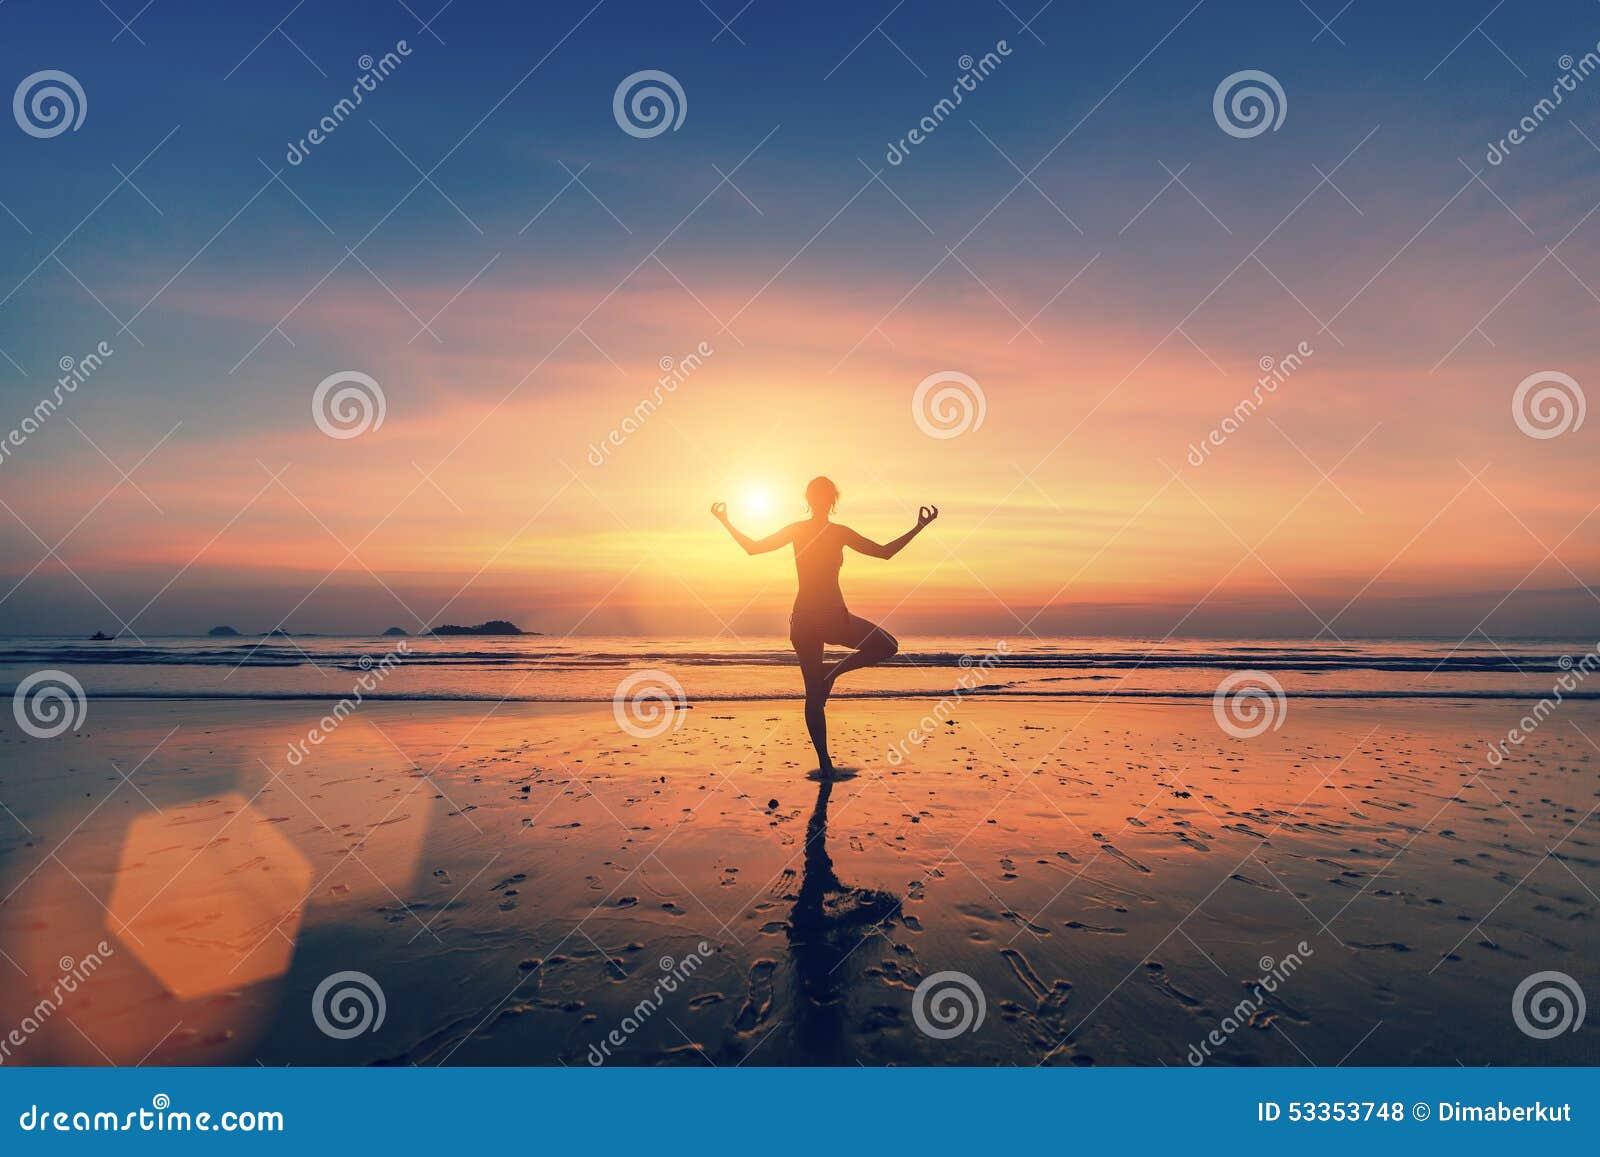 思考在海海滩的妇女剪影 瑜伽和健身.图片